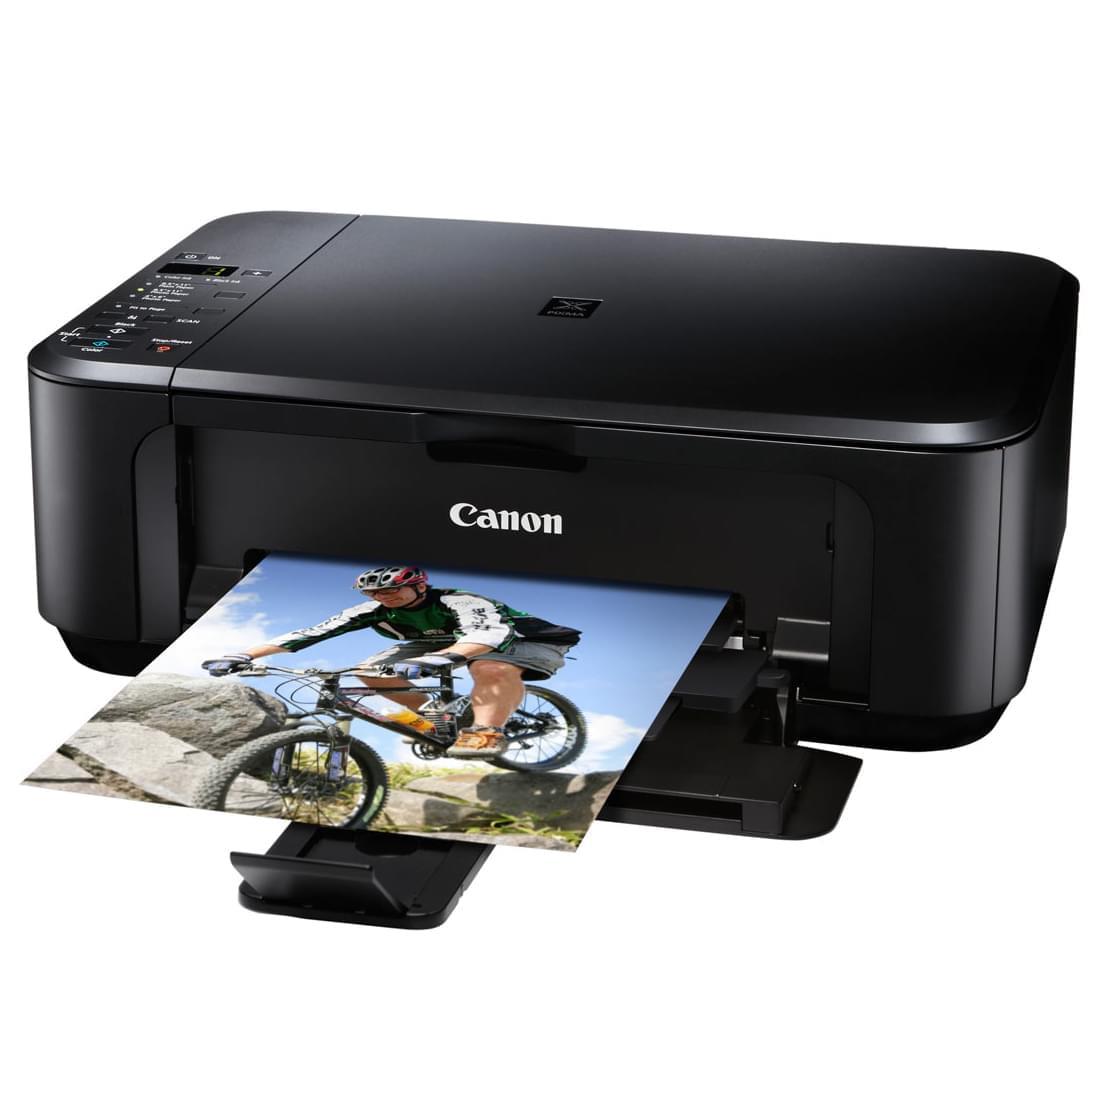 Imprimante multifonction Canon PIXMA MG2150 - Cybertek.fr - 0